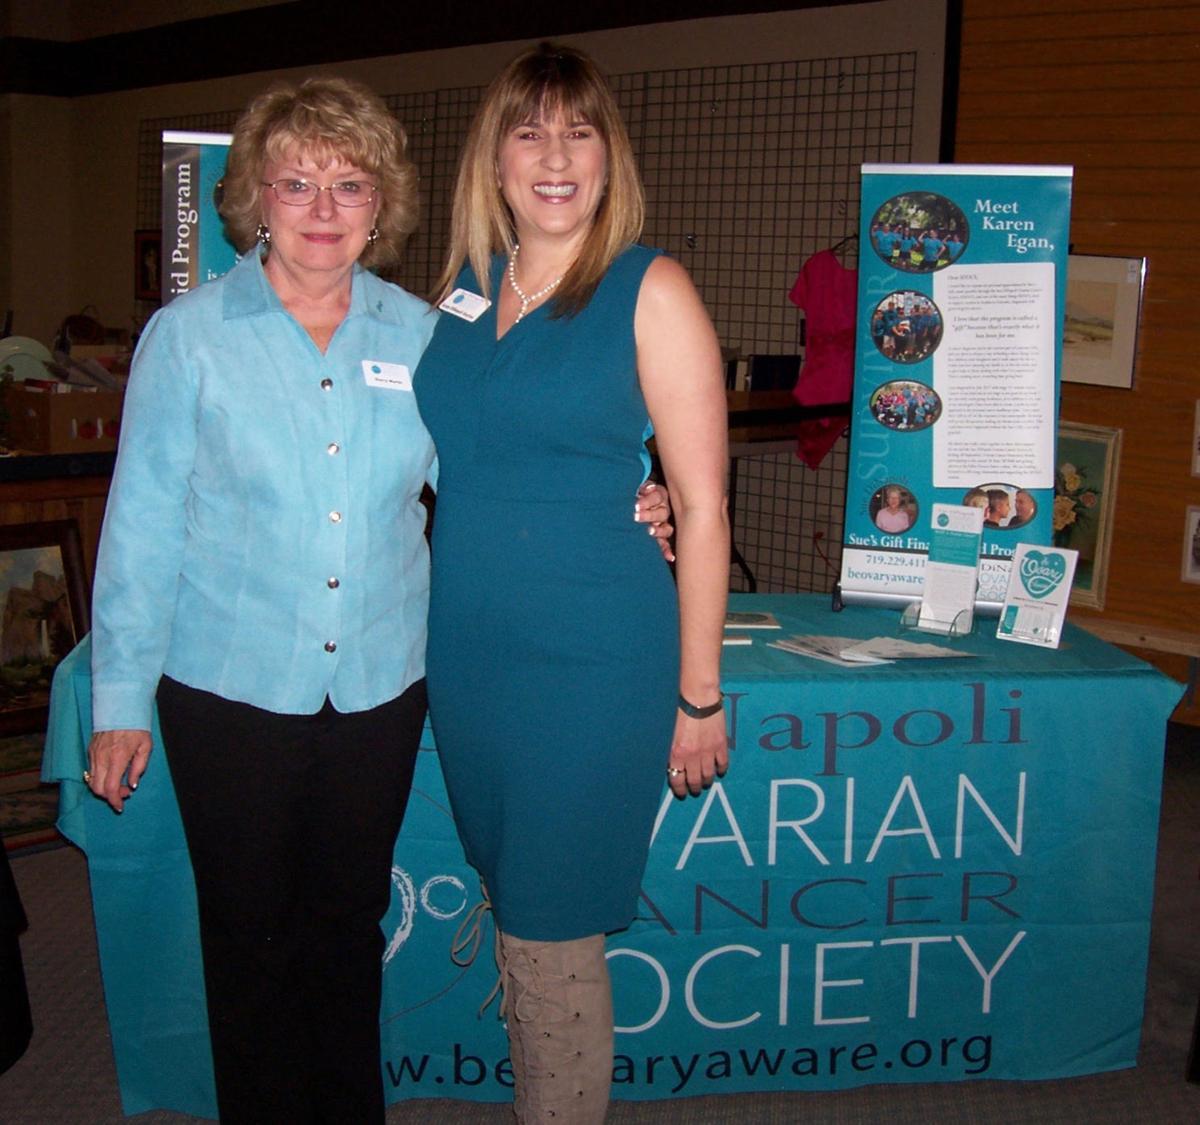 Sue DiNapoli Ovarian Cancer Society